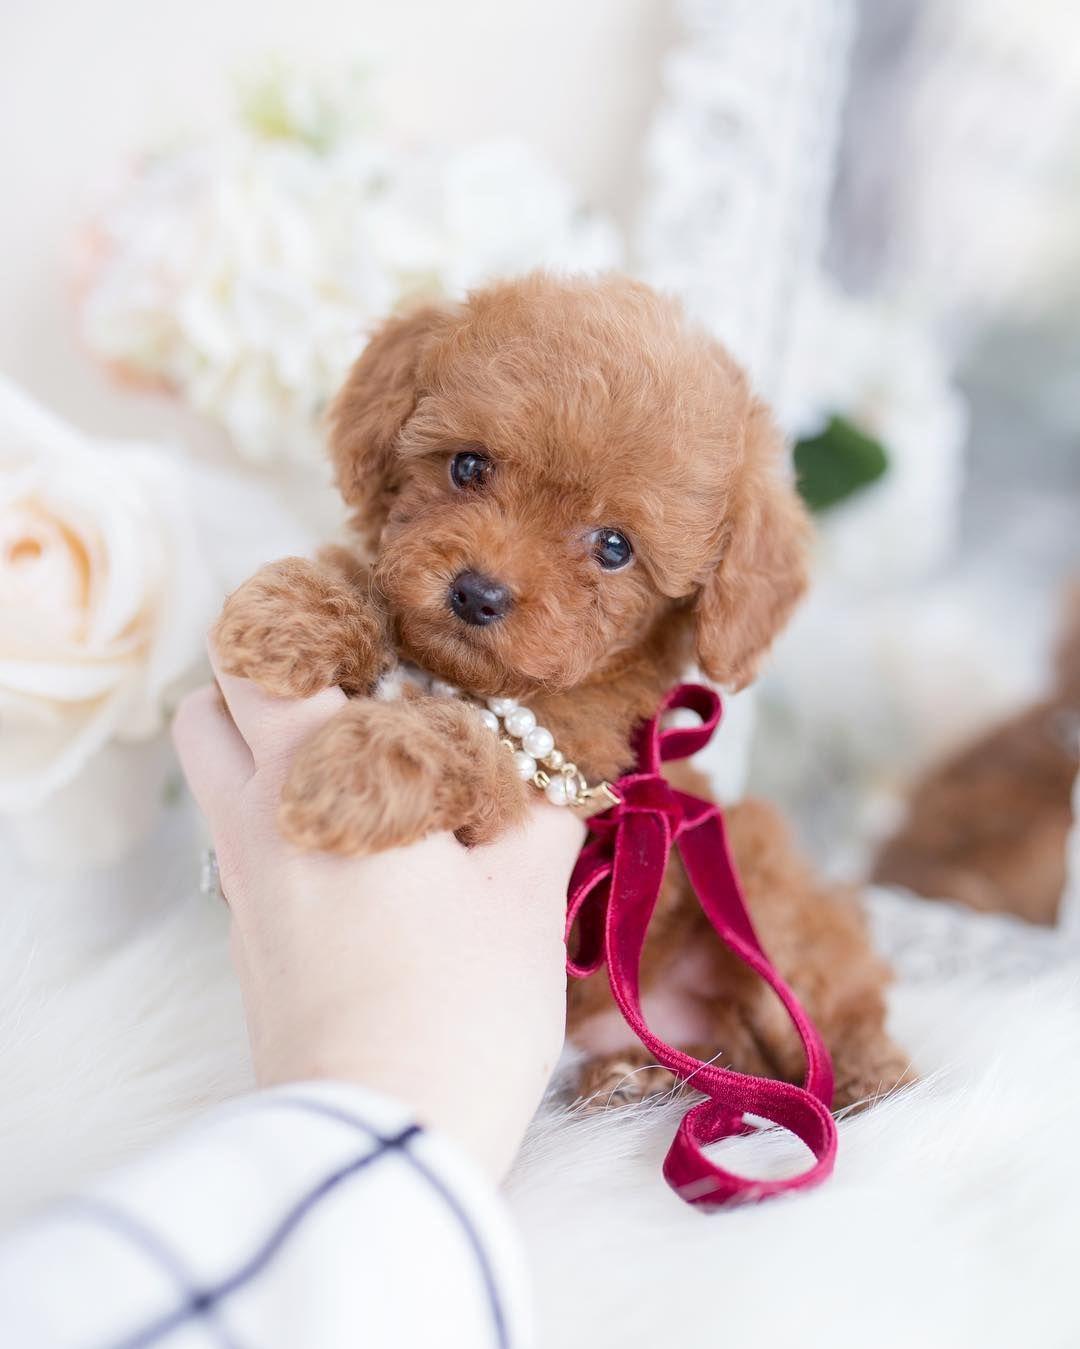 25 Teddy Bear Dog Breeds Cutest Dogs You Ever See Teddy Bear